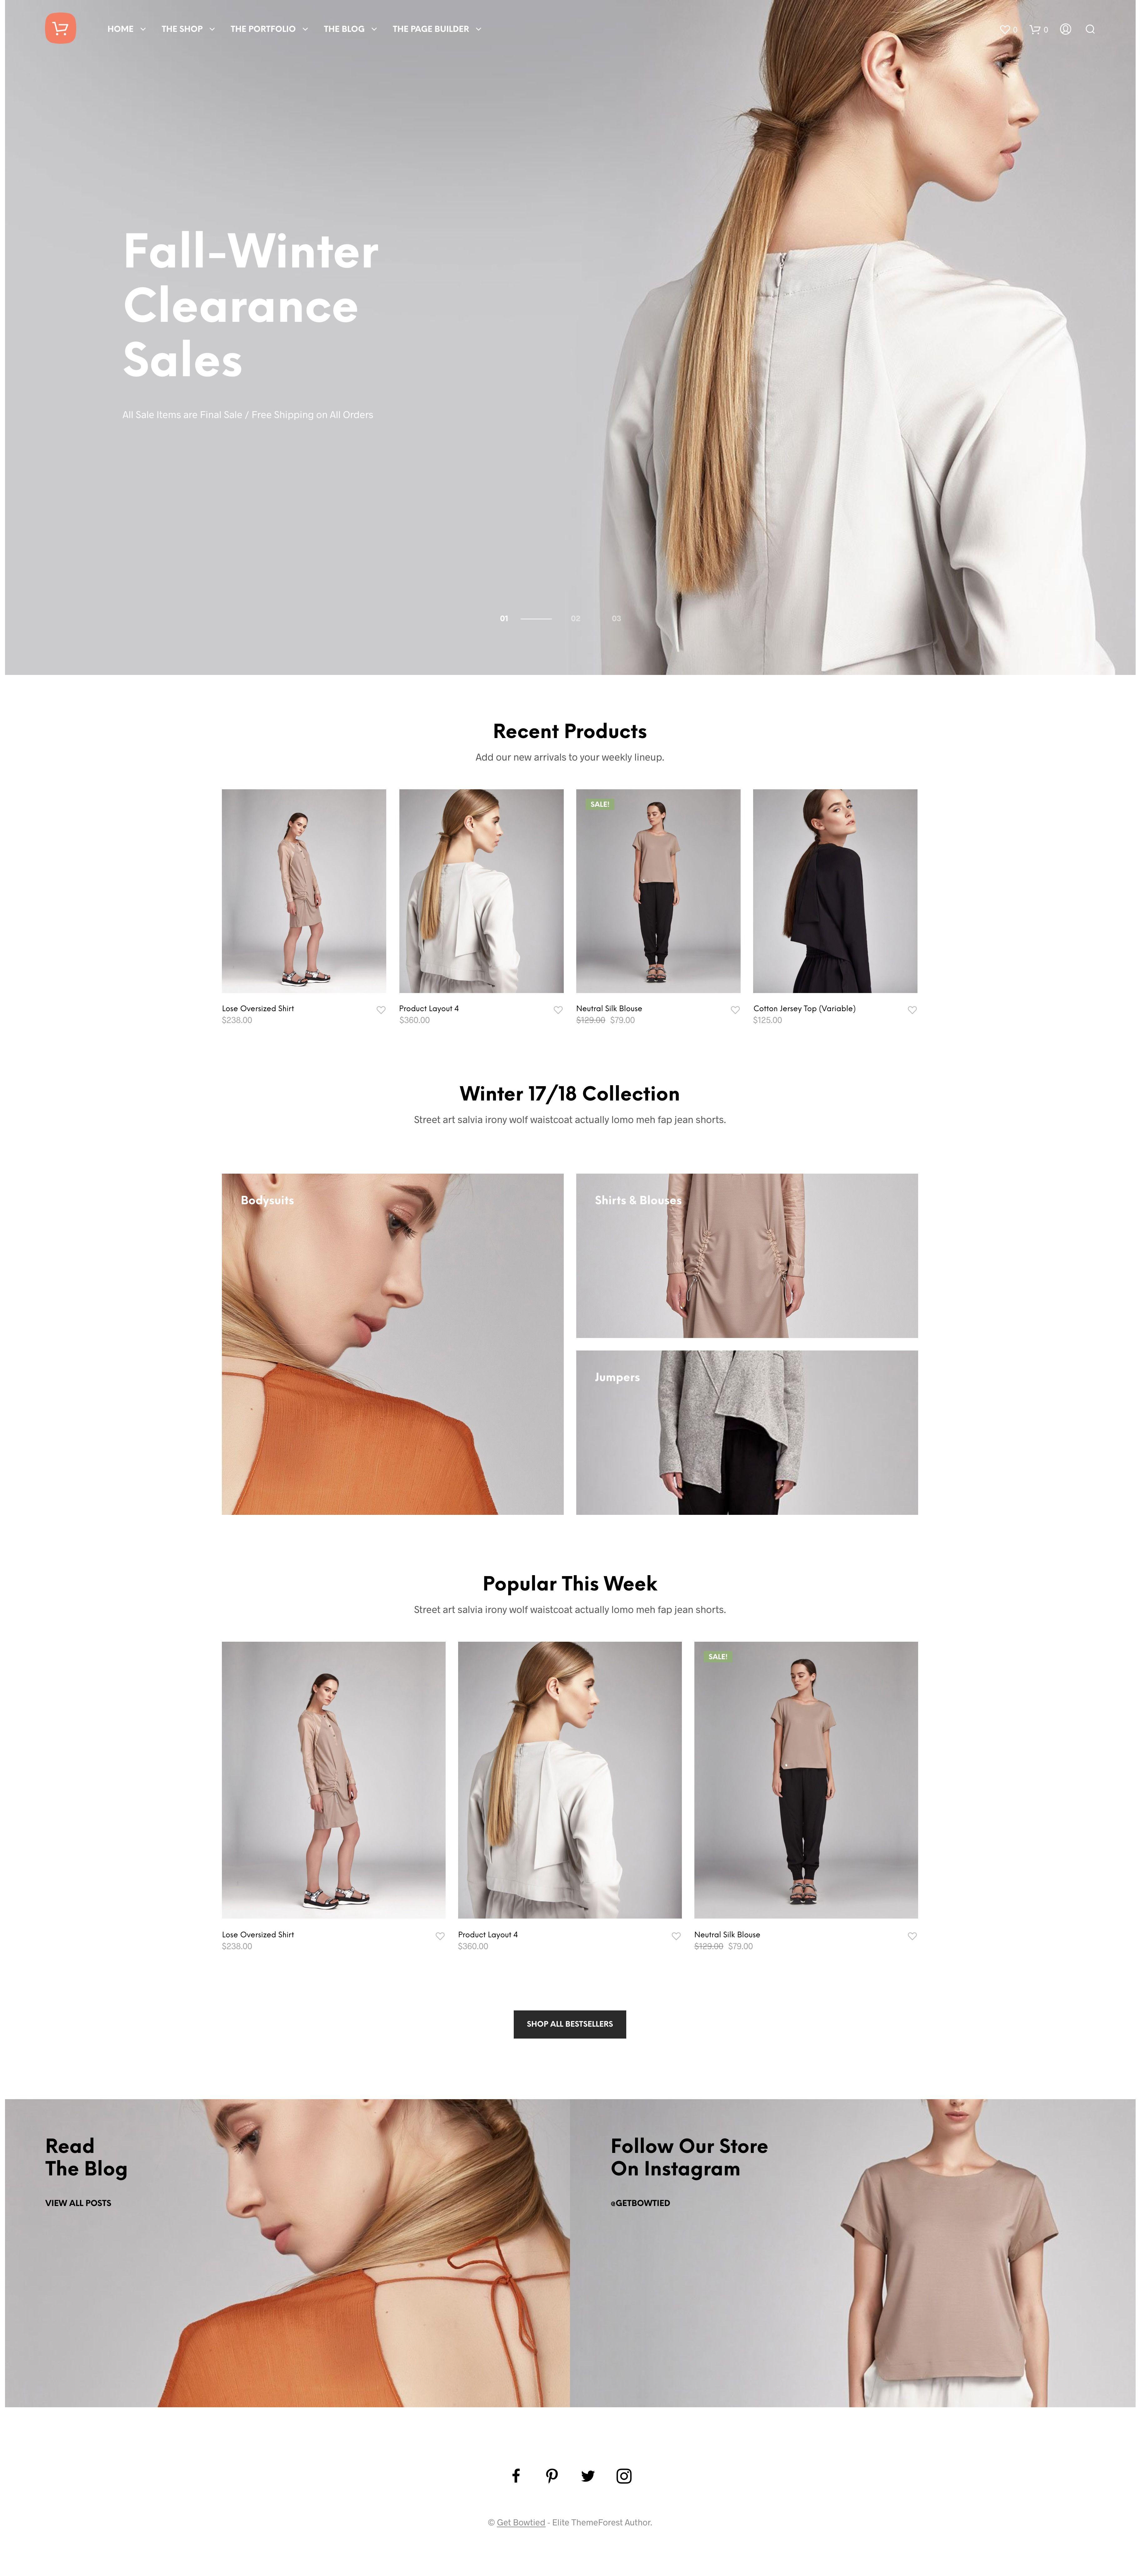 Shopkeeper Ecommerce Wordpress Theme For Woocommerce Fashion Website Design Ecommerce Website Design Fashion Web Design